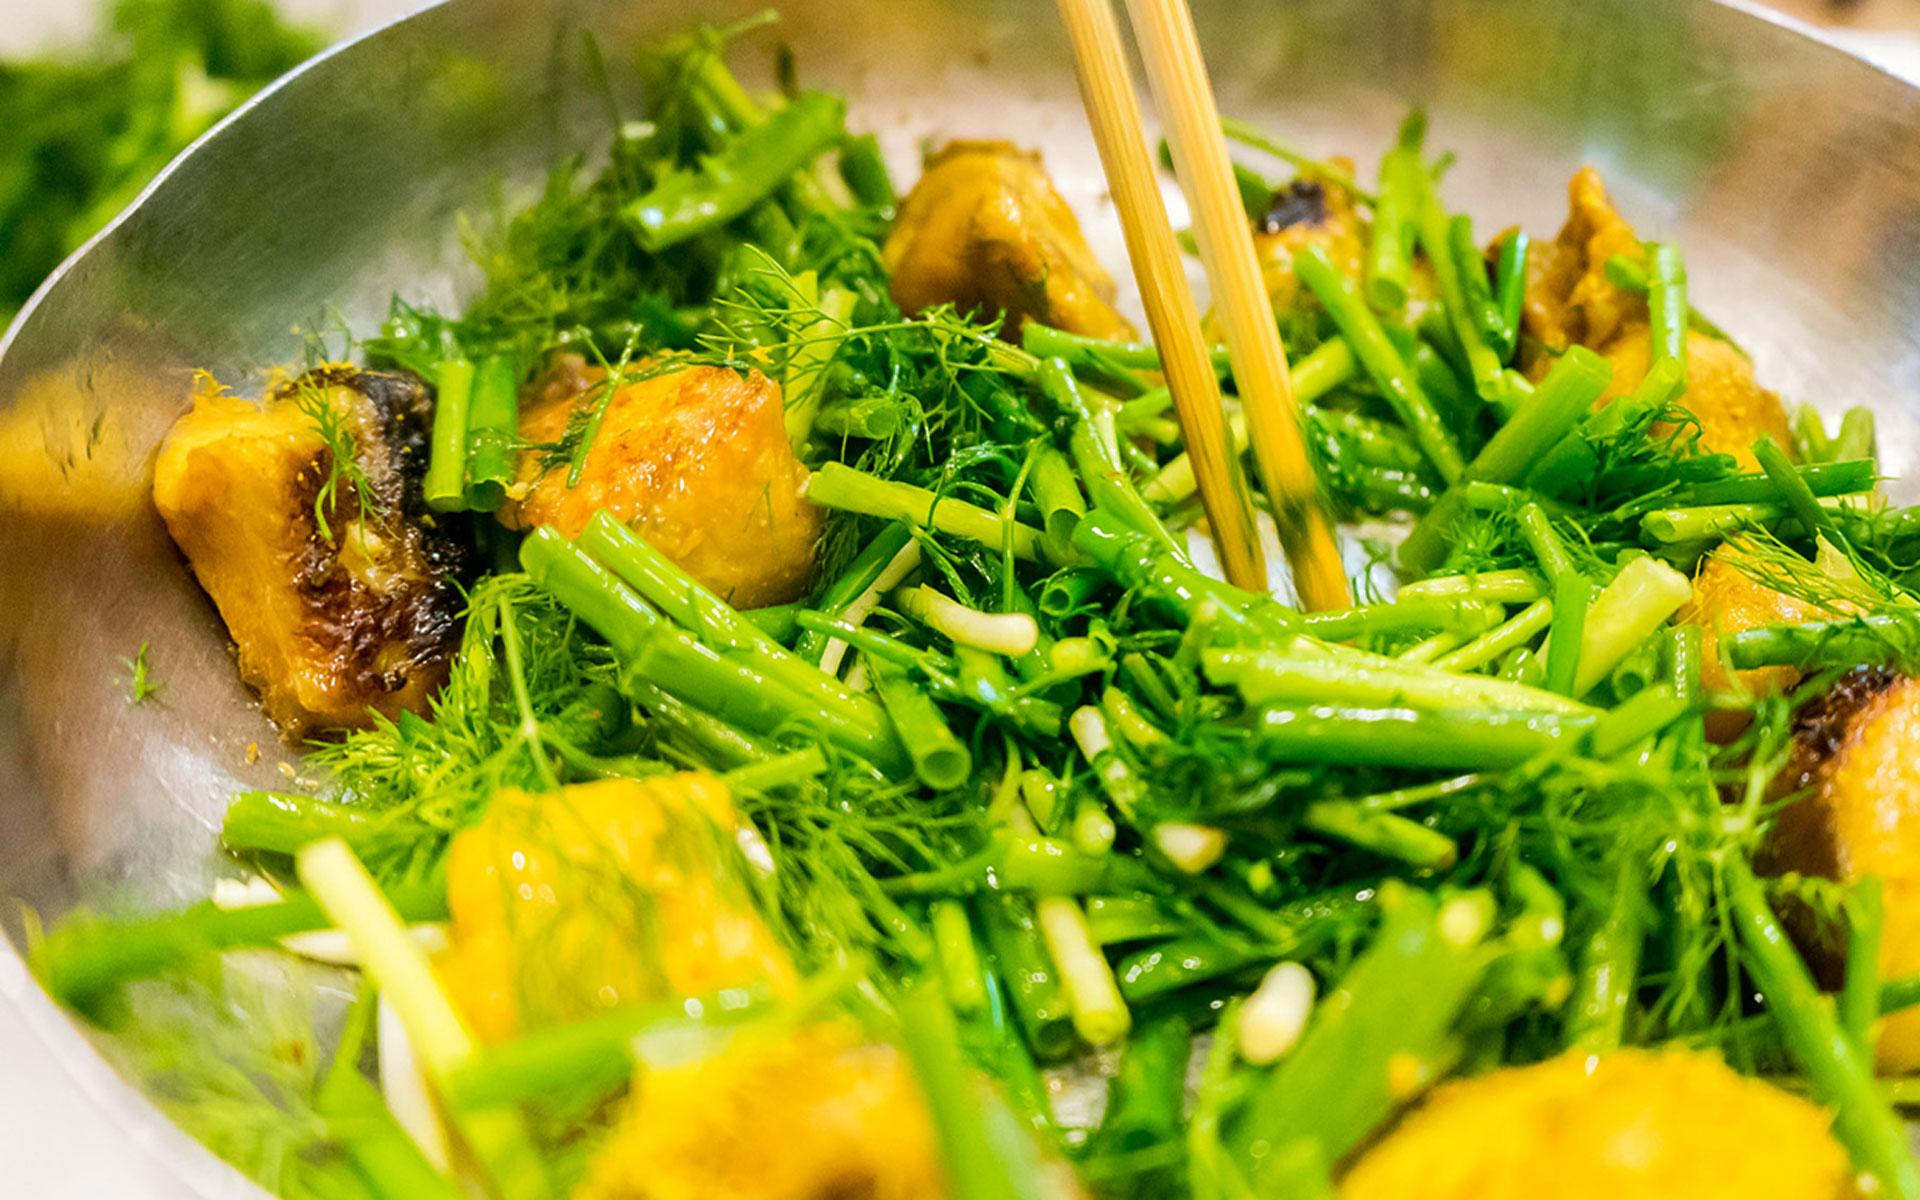 Kim Jong Un tastes Pho in Hanoi - Why not?